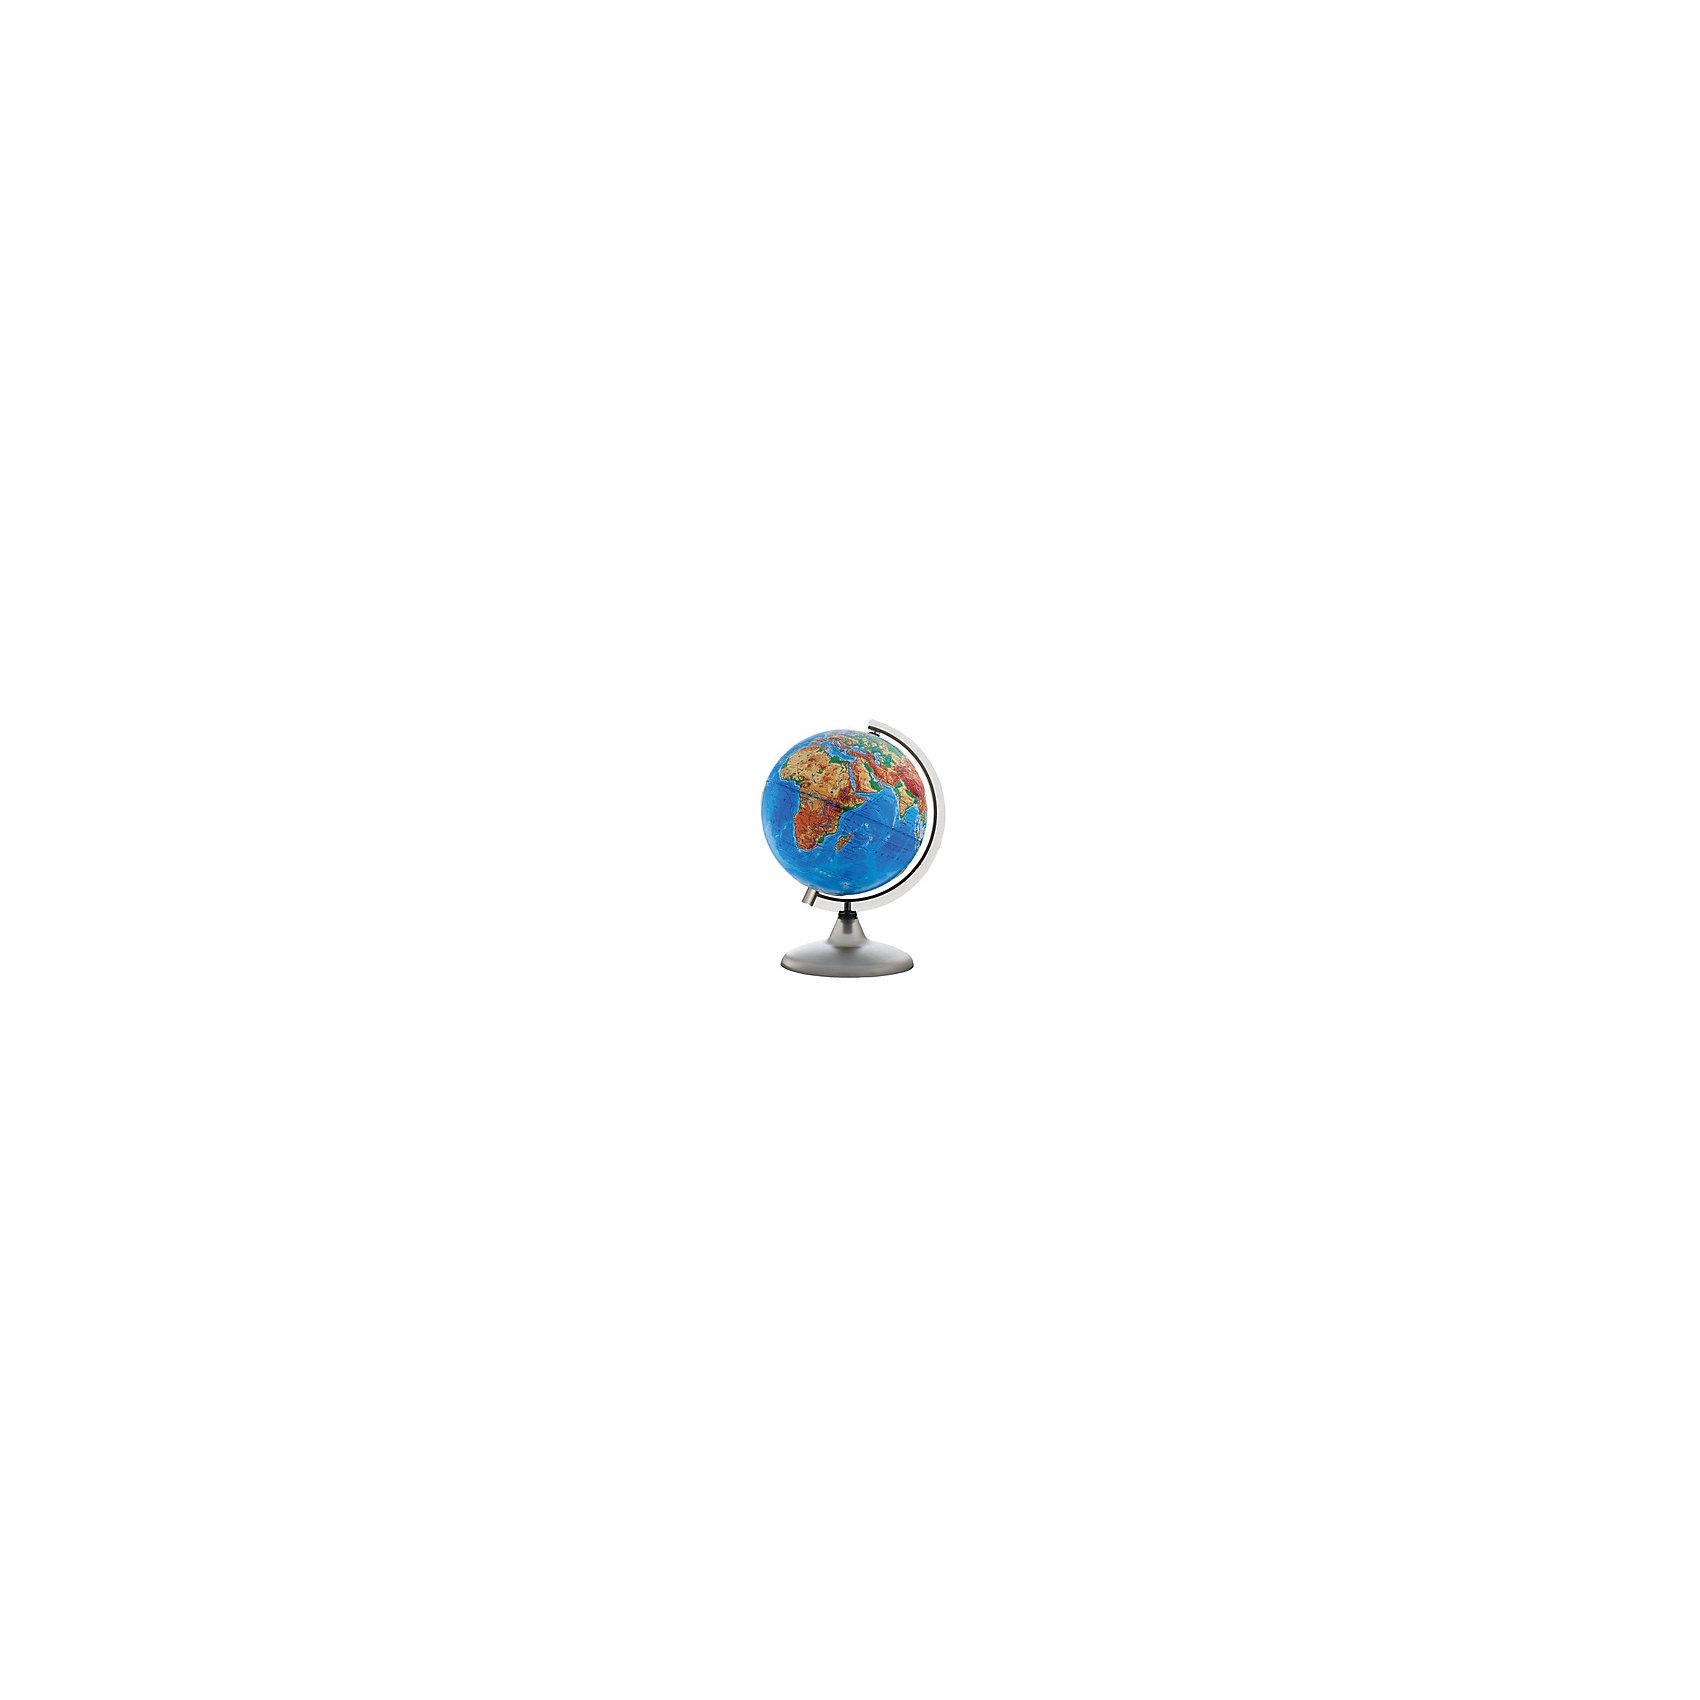 Глобус Земли физический рельефный, диаметр 320 ммГлобусы<br>Характеристики товара:<br><br>• возраст от 6 лет;<br>• материал: пластик;<br>• цвет подставки: чёрный<br>• диаметр глобуса 320 мм;<br>• масштаб 1:40000000;<br>• размер упаковки 35,5х34,3х34,3 см;<br>• вес упаковки 950 гр.;<br>• страна производитель: Россия.<br><br>Глобус Земли физический рельефный, 320 мм Глобусный мир — уменьшенная копия нашей планеты. Глобус станет отличным дополнением для школьника или студента. На нем нанесены моря, океаны, рельеф суши, острова, материки. Рельефная поверхность глобуса позволяет поближе узнать все о рельефе нашей планеты. <br><br>Глобус Земли физический рельефный 320 мм Глобусный мир можно приобрести в нашем интернет-магазине.<br><br>Ширина мм: 343<br>Глубина мм: 343<br>Высота мм: 355<br>Вес г: 950<br>Возраст от месяцев: 72<br>Возраст до месяцев: 2147483647<br>Пол: Унисекс<br>Возраст: Детский<br>SKU: 5518204